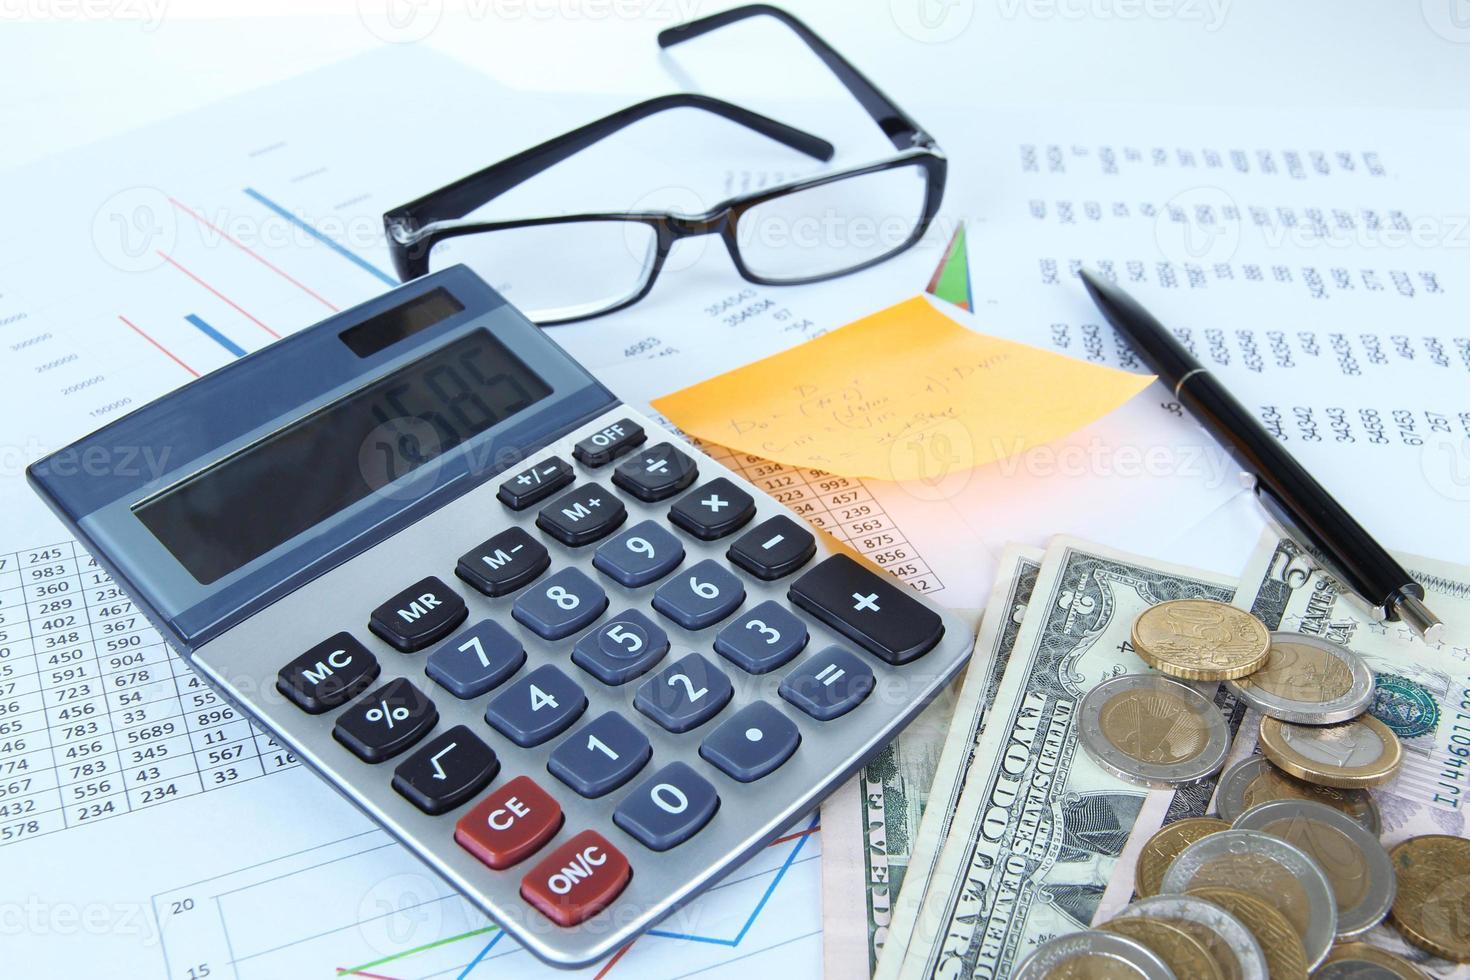 fournitures de bureau avec de l'argent et des documents se bouchent photo